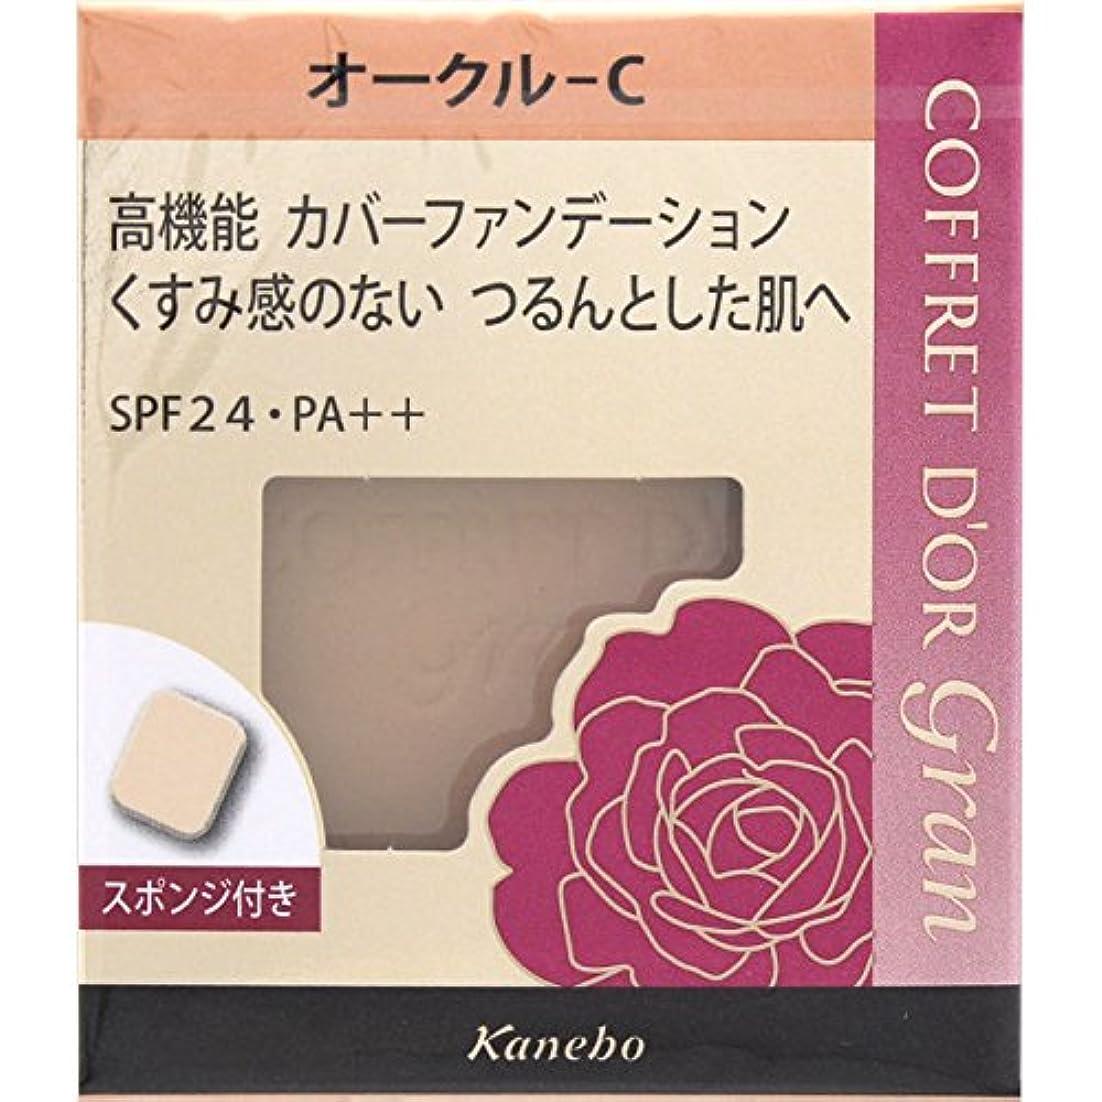 待って個人的にルアーカネボウ(Kanebo) コフレドールグランカバーフィットパクトUVII《10.5g》<カラー:オークルC>